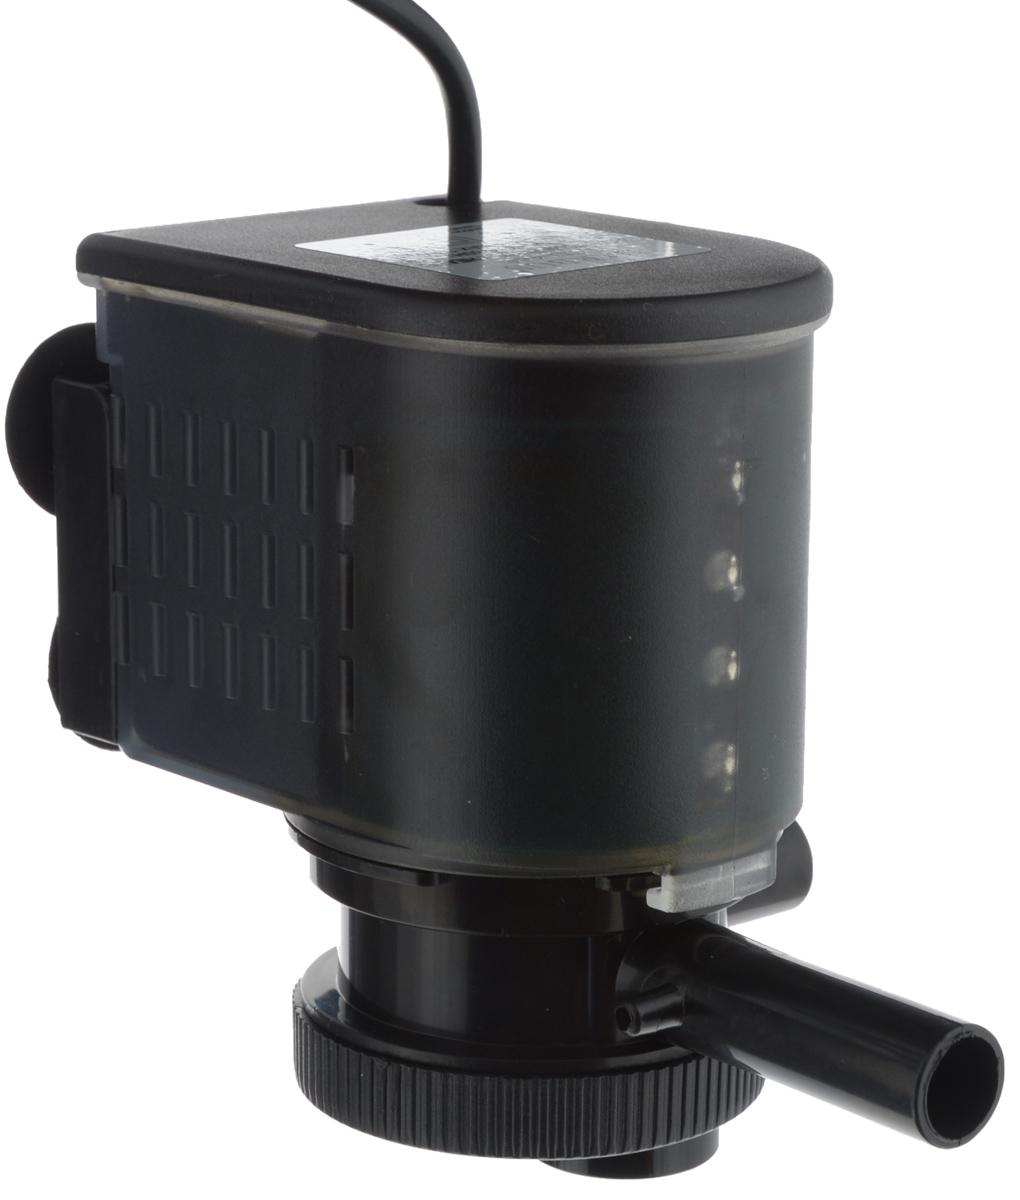 Помпа для аквариума Barbus LED-488, водяная, с индикаторами LED, 3000 л/ч, 45 ВтPUMP 011Водяная помпа Barbus LED-488 - это насос, который предназначен для подачи воды в аквариуме, подходит для пресной и соленой воды. Механическая фильтрация происходит за счёт губки, которая поглощает грязь и очищает воду. Также помпа Barbus LED-488 используется для подачи воды по шлангу на некоторые устройства, расположенные вне аквариума - такие как ультрафиолетовые стерилизаторы, сухозаряженные и некоторые навесные фильтры, биофильтры вне аквариума и другие. Имеет дополнительную насадку с возможностью аэрации воды. Только для полного погружения в воду. Напряжение: 220-240 В. Частота: 50/60 Гц. Производительность: 3000 л/ч. Максимальная высота подъема: 2 м. Уважаемые клиенты! Обращаем ваше внимание на возможные изменения в цвете некоторых деталей товара. Поставка осуществляется в зависимости от наличия на складе.